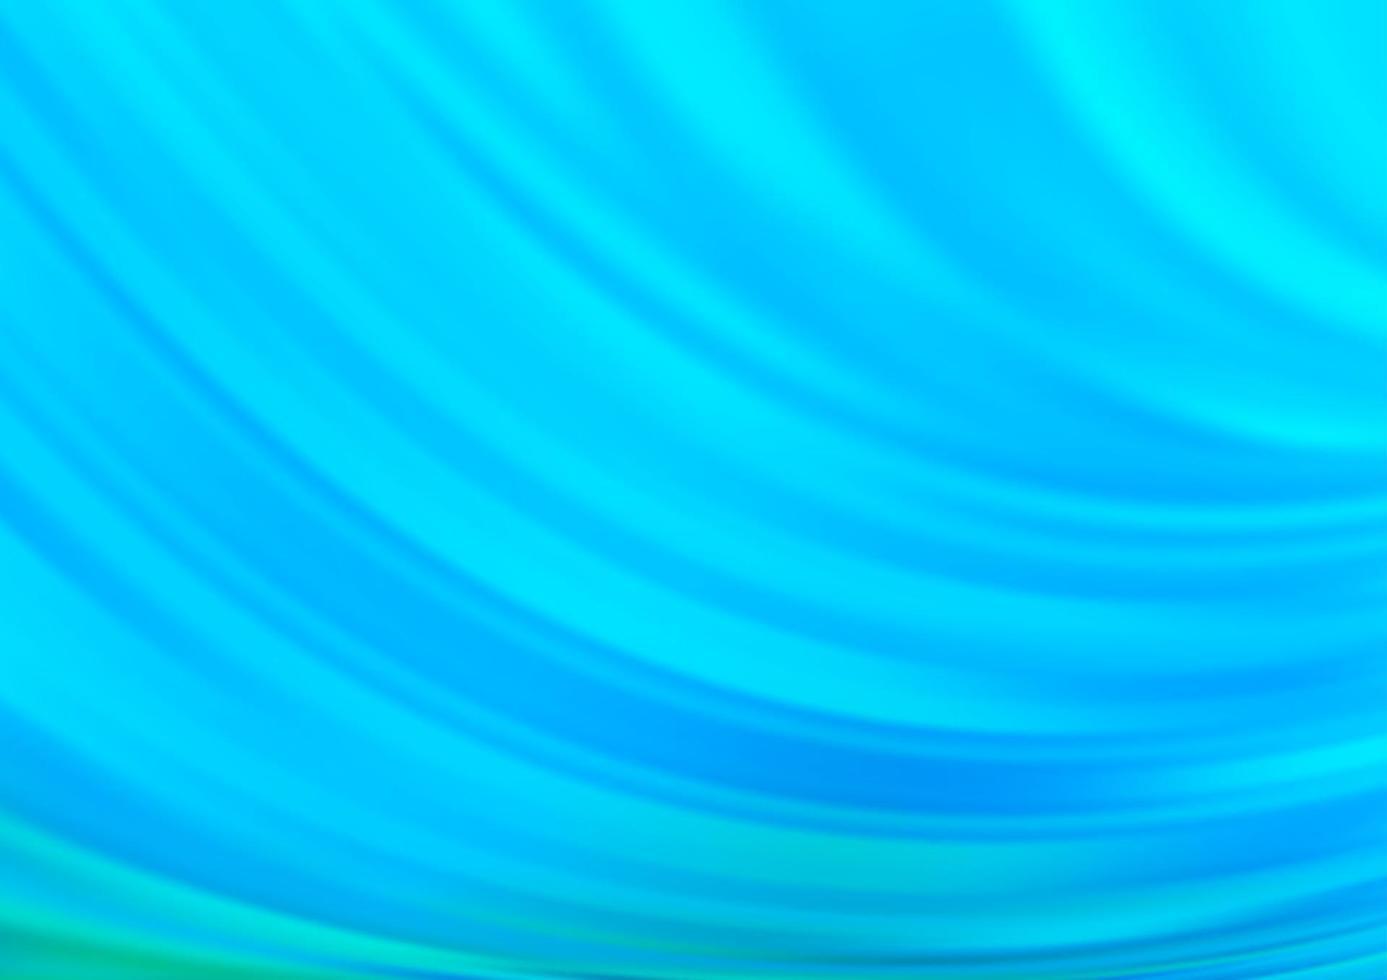 fundo azul claro do vetor com formas líquidas.